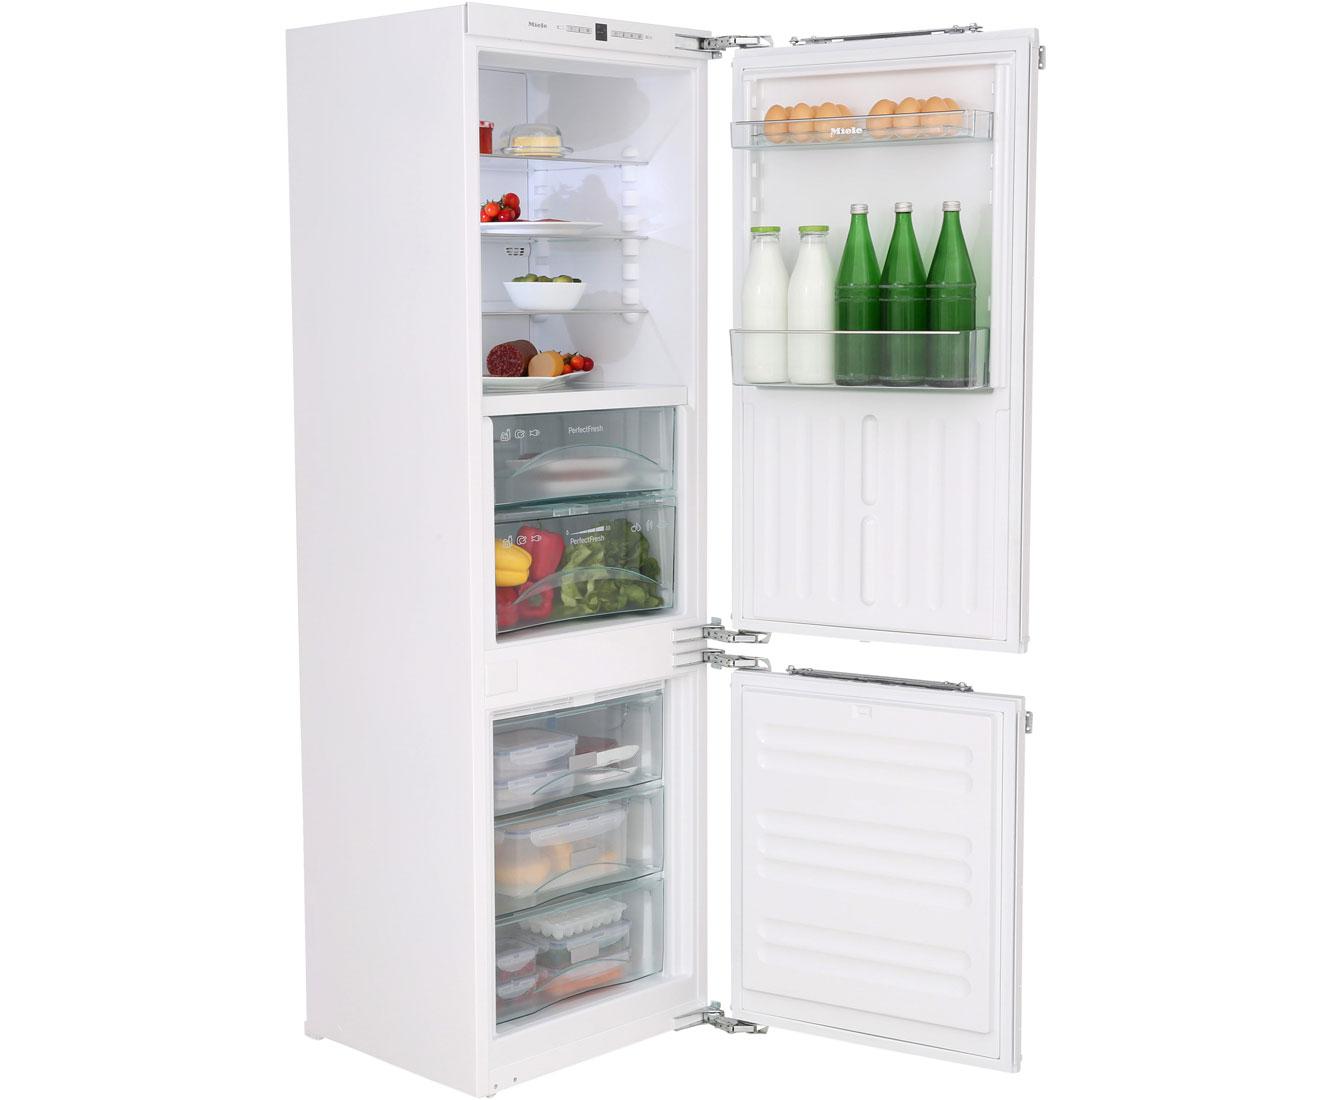 Gorenje Kühlschrank Gefrierkombination : Kühl gefrierkombi günstig kühlschrank günstig im check